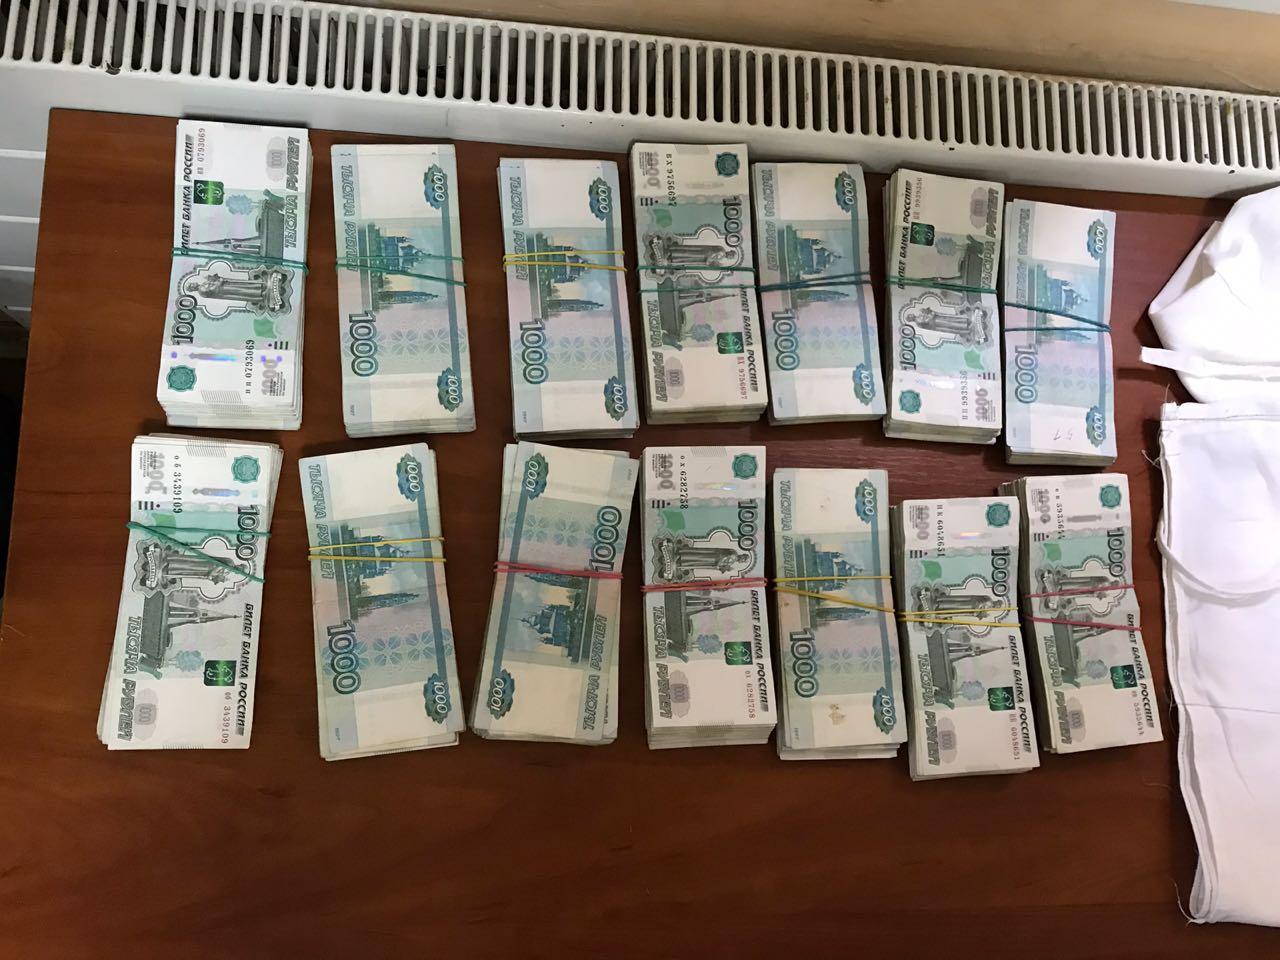 ВХарьковской области задержаны миллионеры, пытавшиеся сбежать в РФ